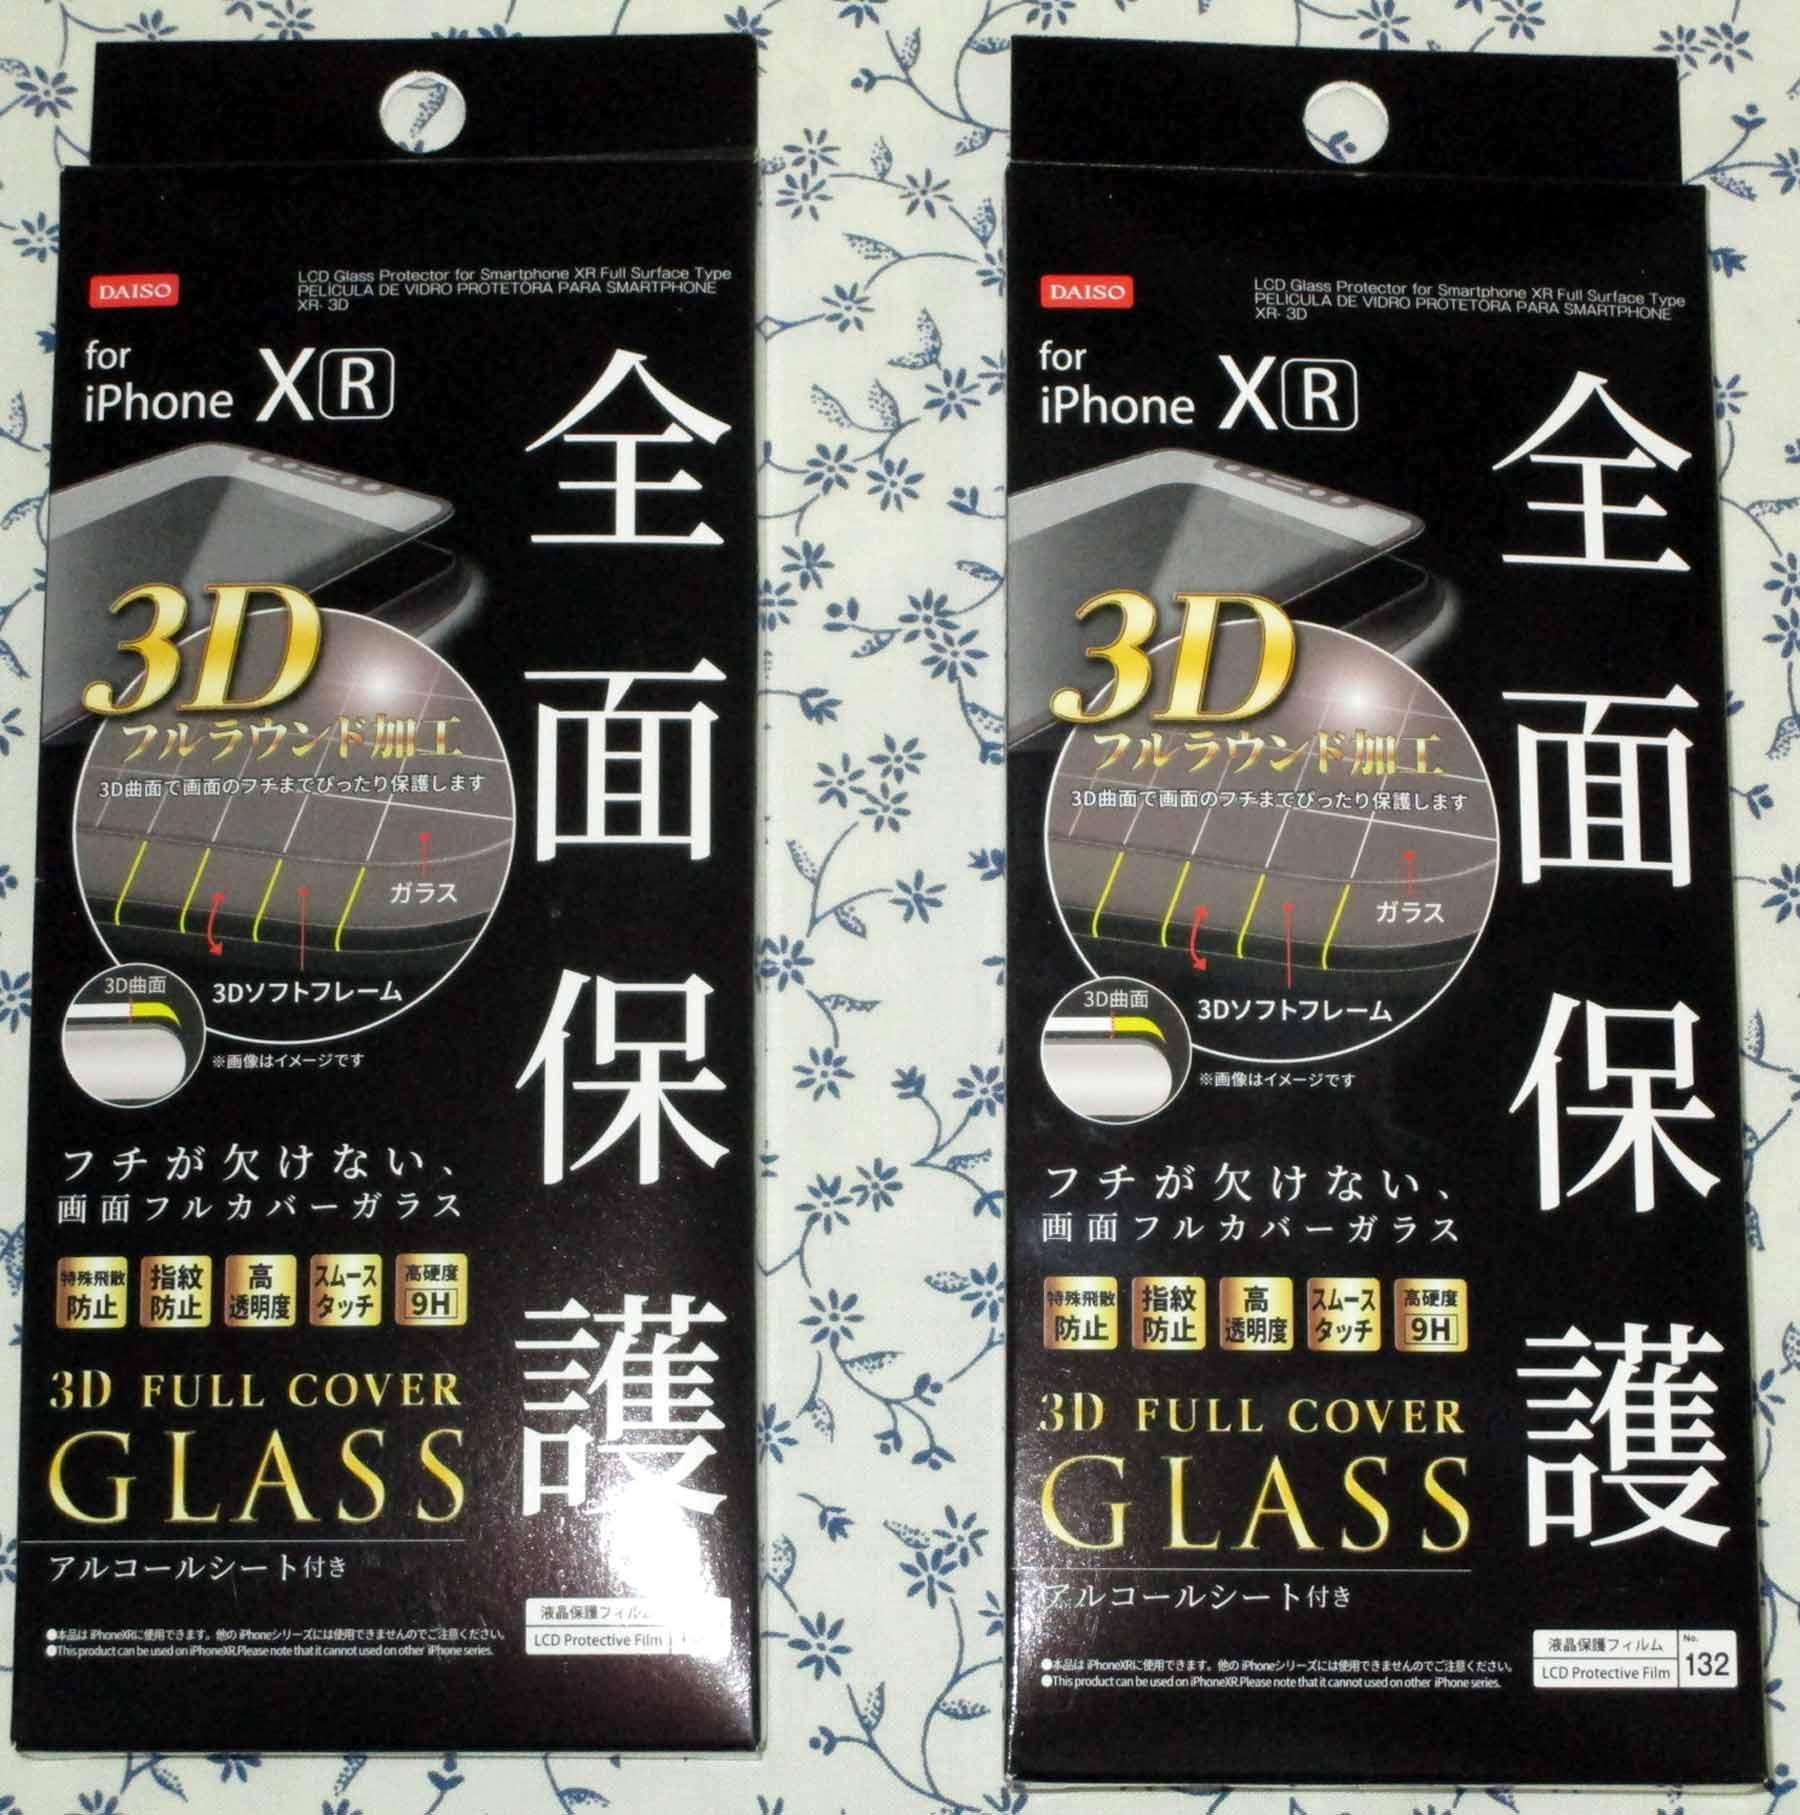 ダイソー iPhone XR 全面保護 3D ガラス